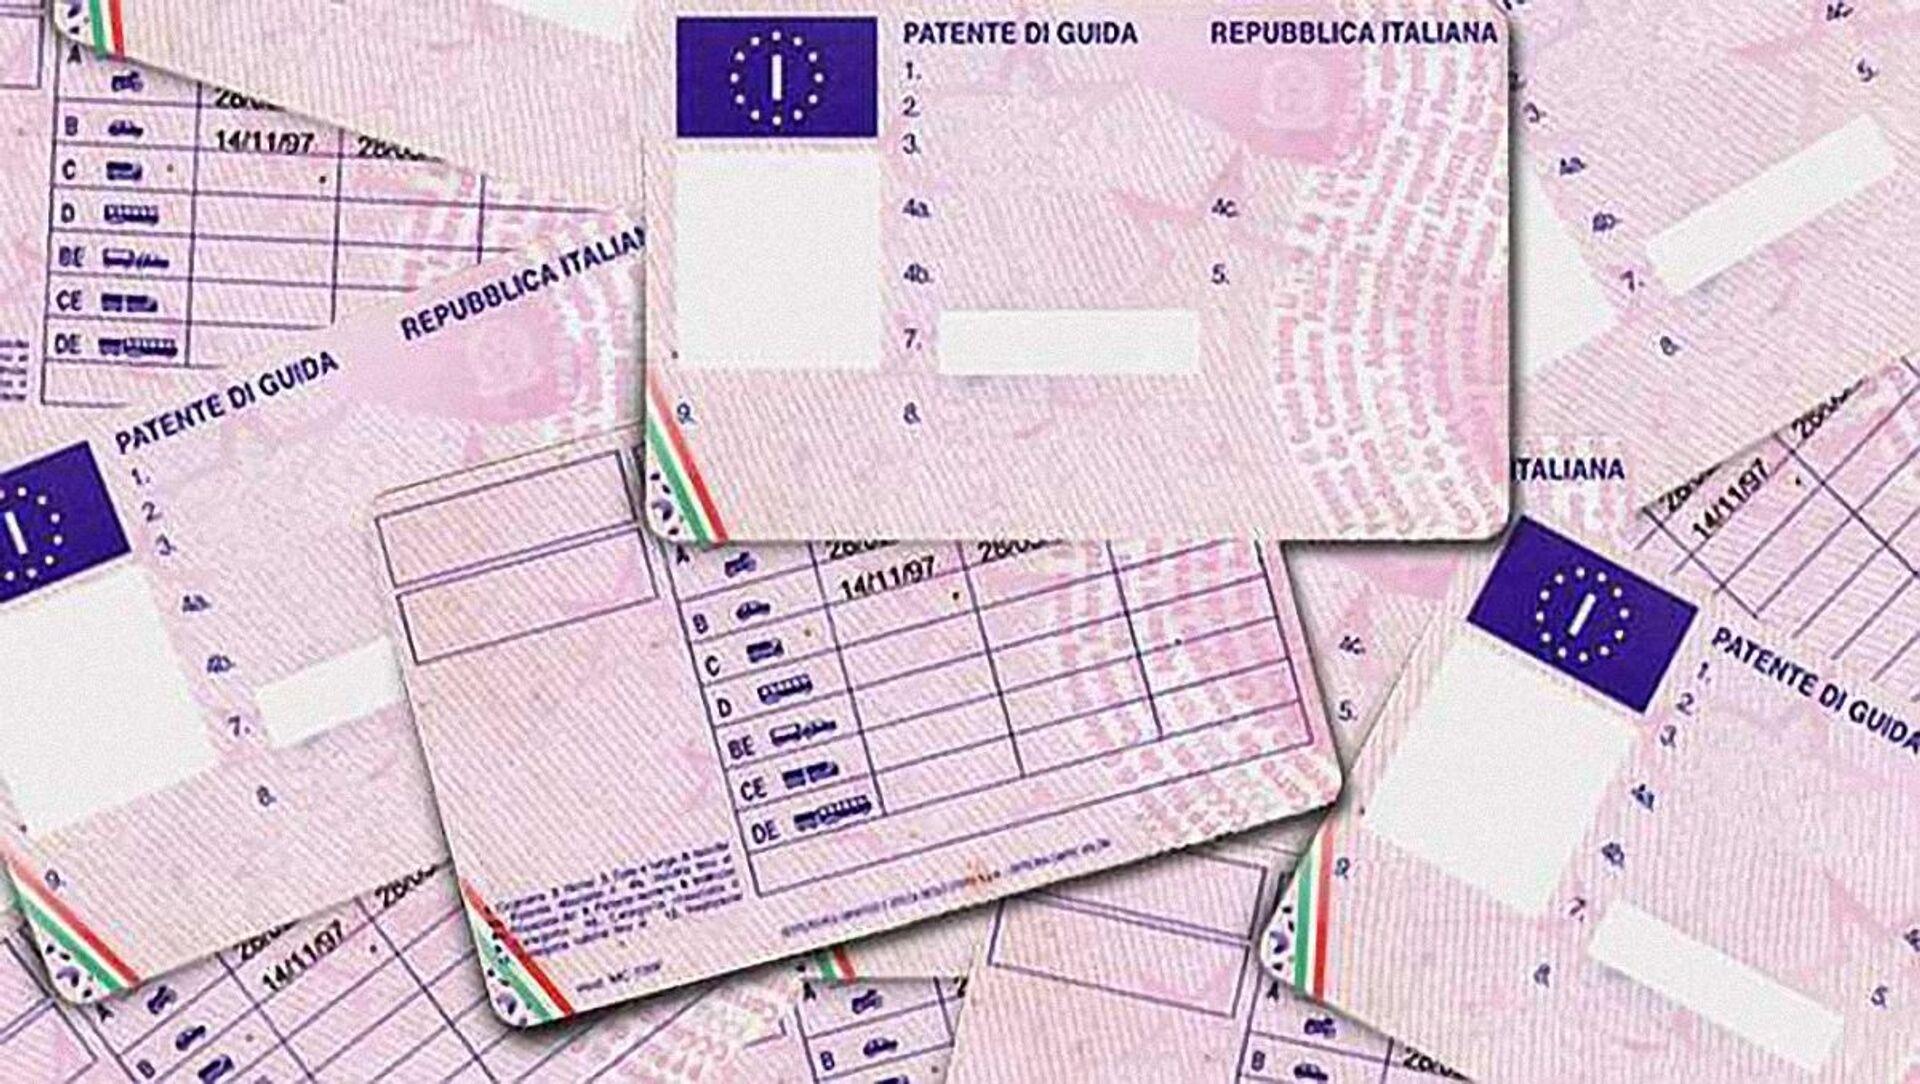 Patente di guida italiana, autorizzazione amministrativa necessaria per poter condurre veicoli a motore - Sputnik Italia, 1920, 18.04.2021